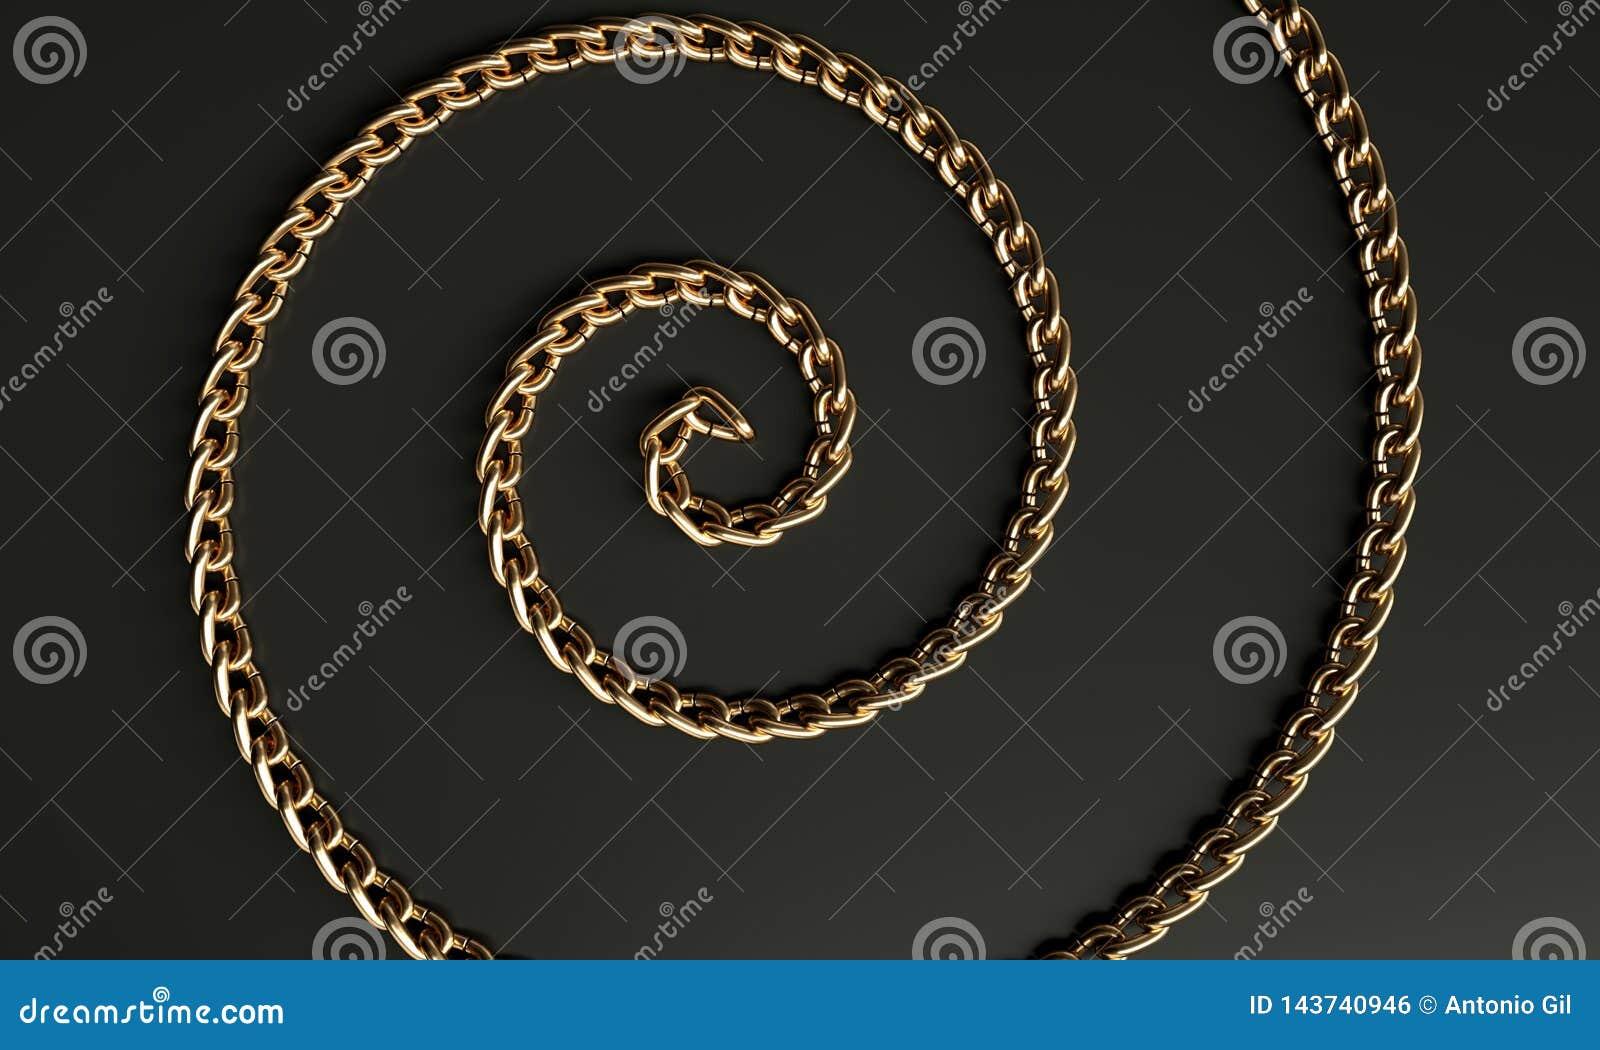 Espiral metálica dourada